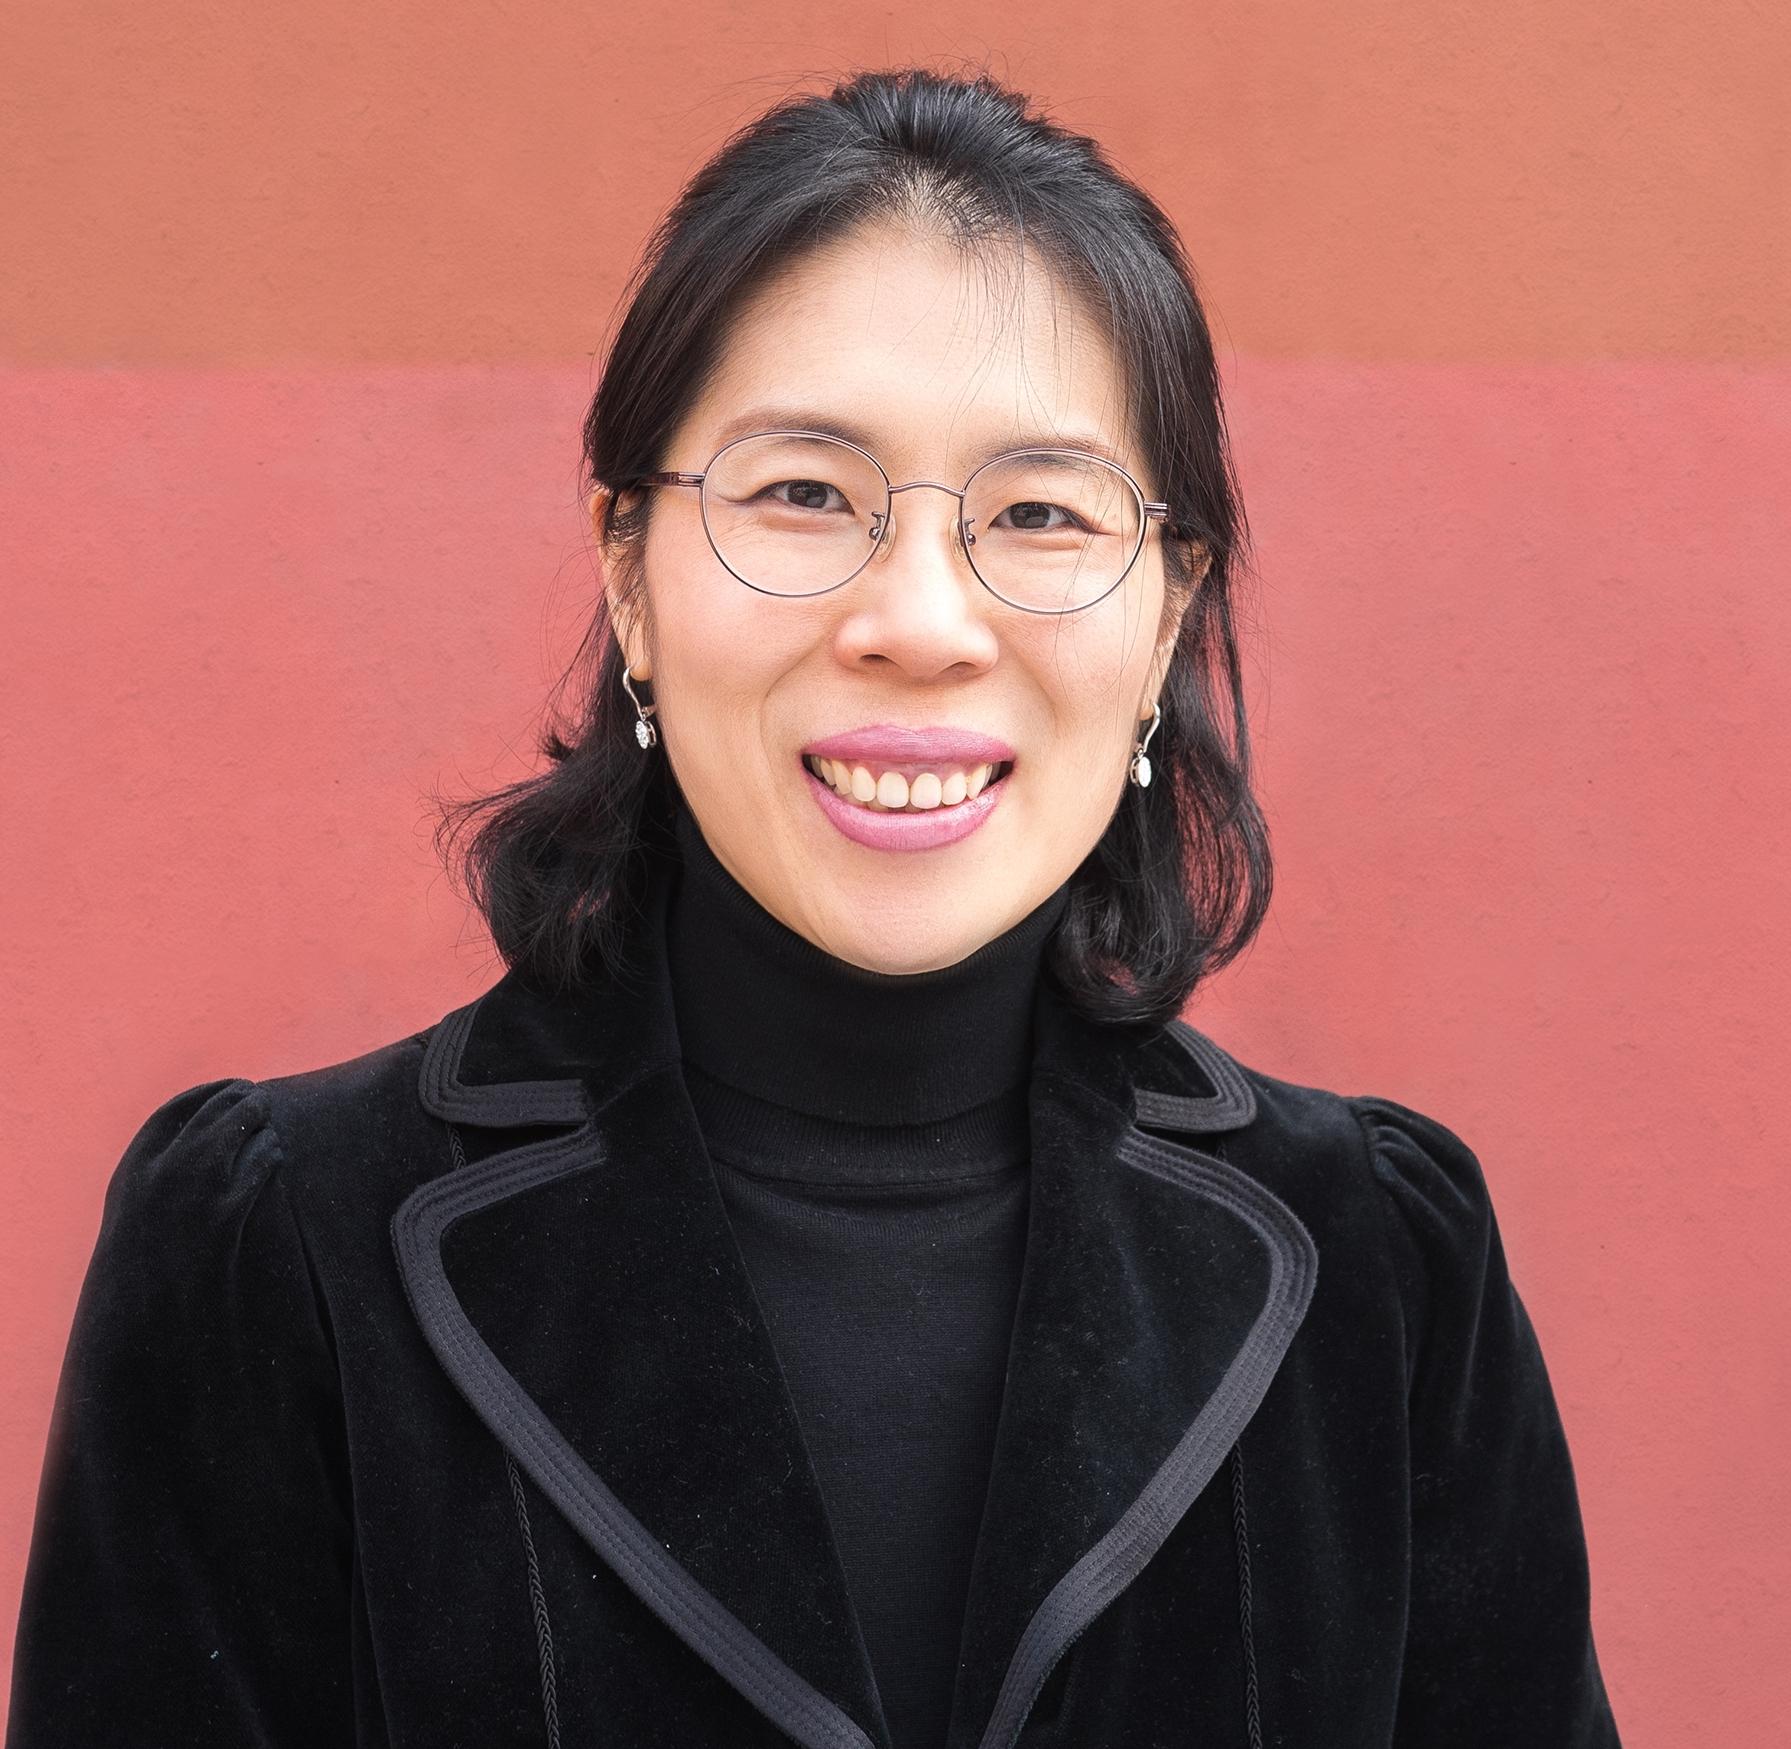 정수연 교육전도사  유아, 유치부 & 초등부 담당 201-851-3260 sooyeon.chung@nfcnyc.org